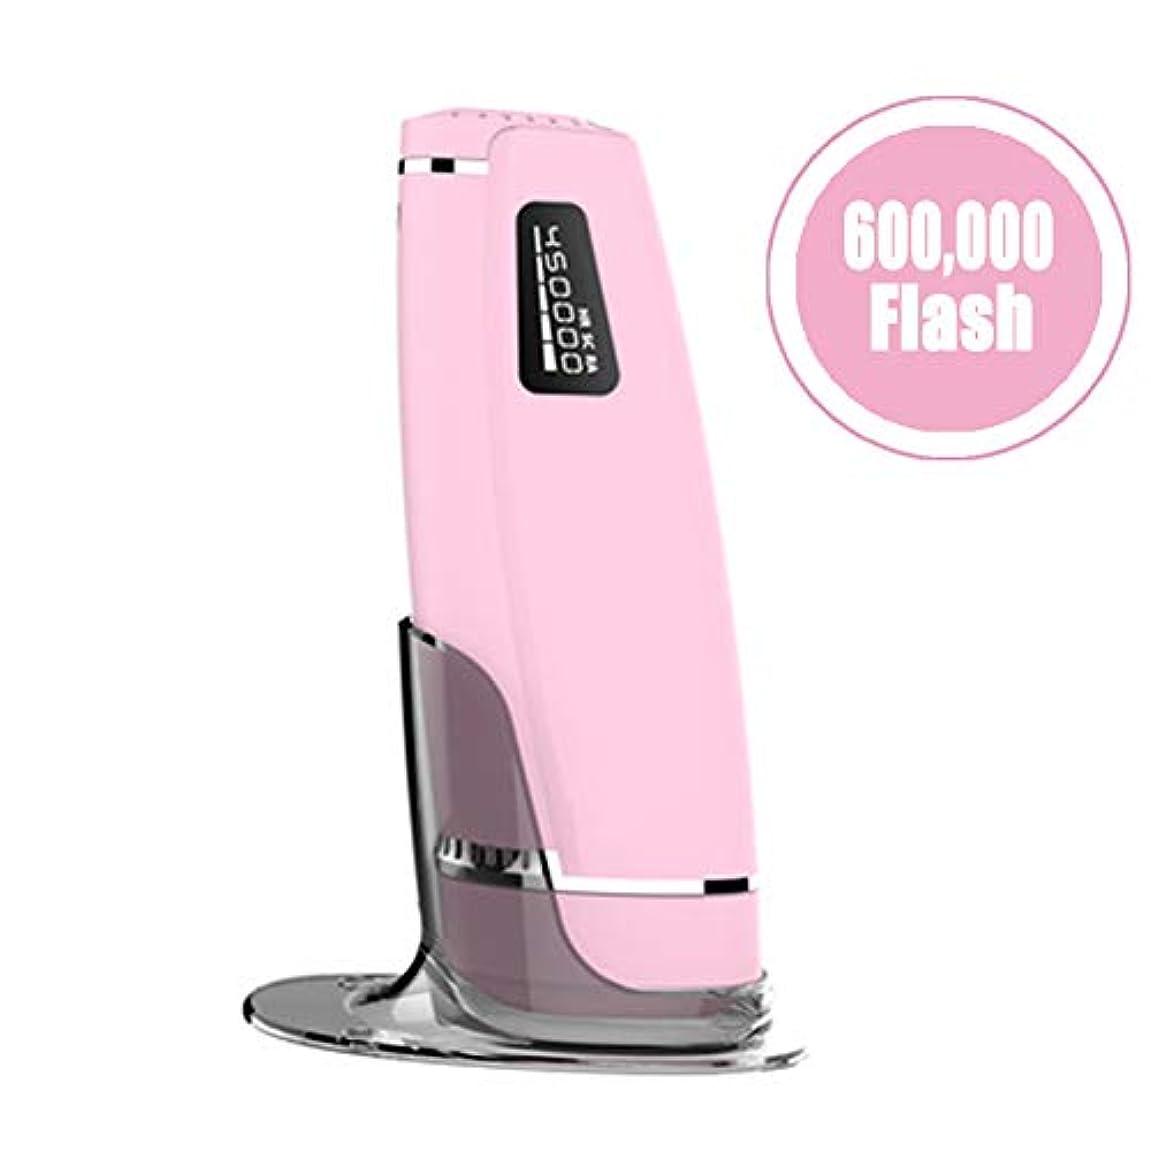 フォーラム続編売るアップグレードIPLレーザー脱毛システムデバイス、60万回のフラッシュ無痛常設パルス光脱毛器にとってボディフェイス脇の下ビキニライン,Pink